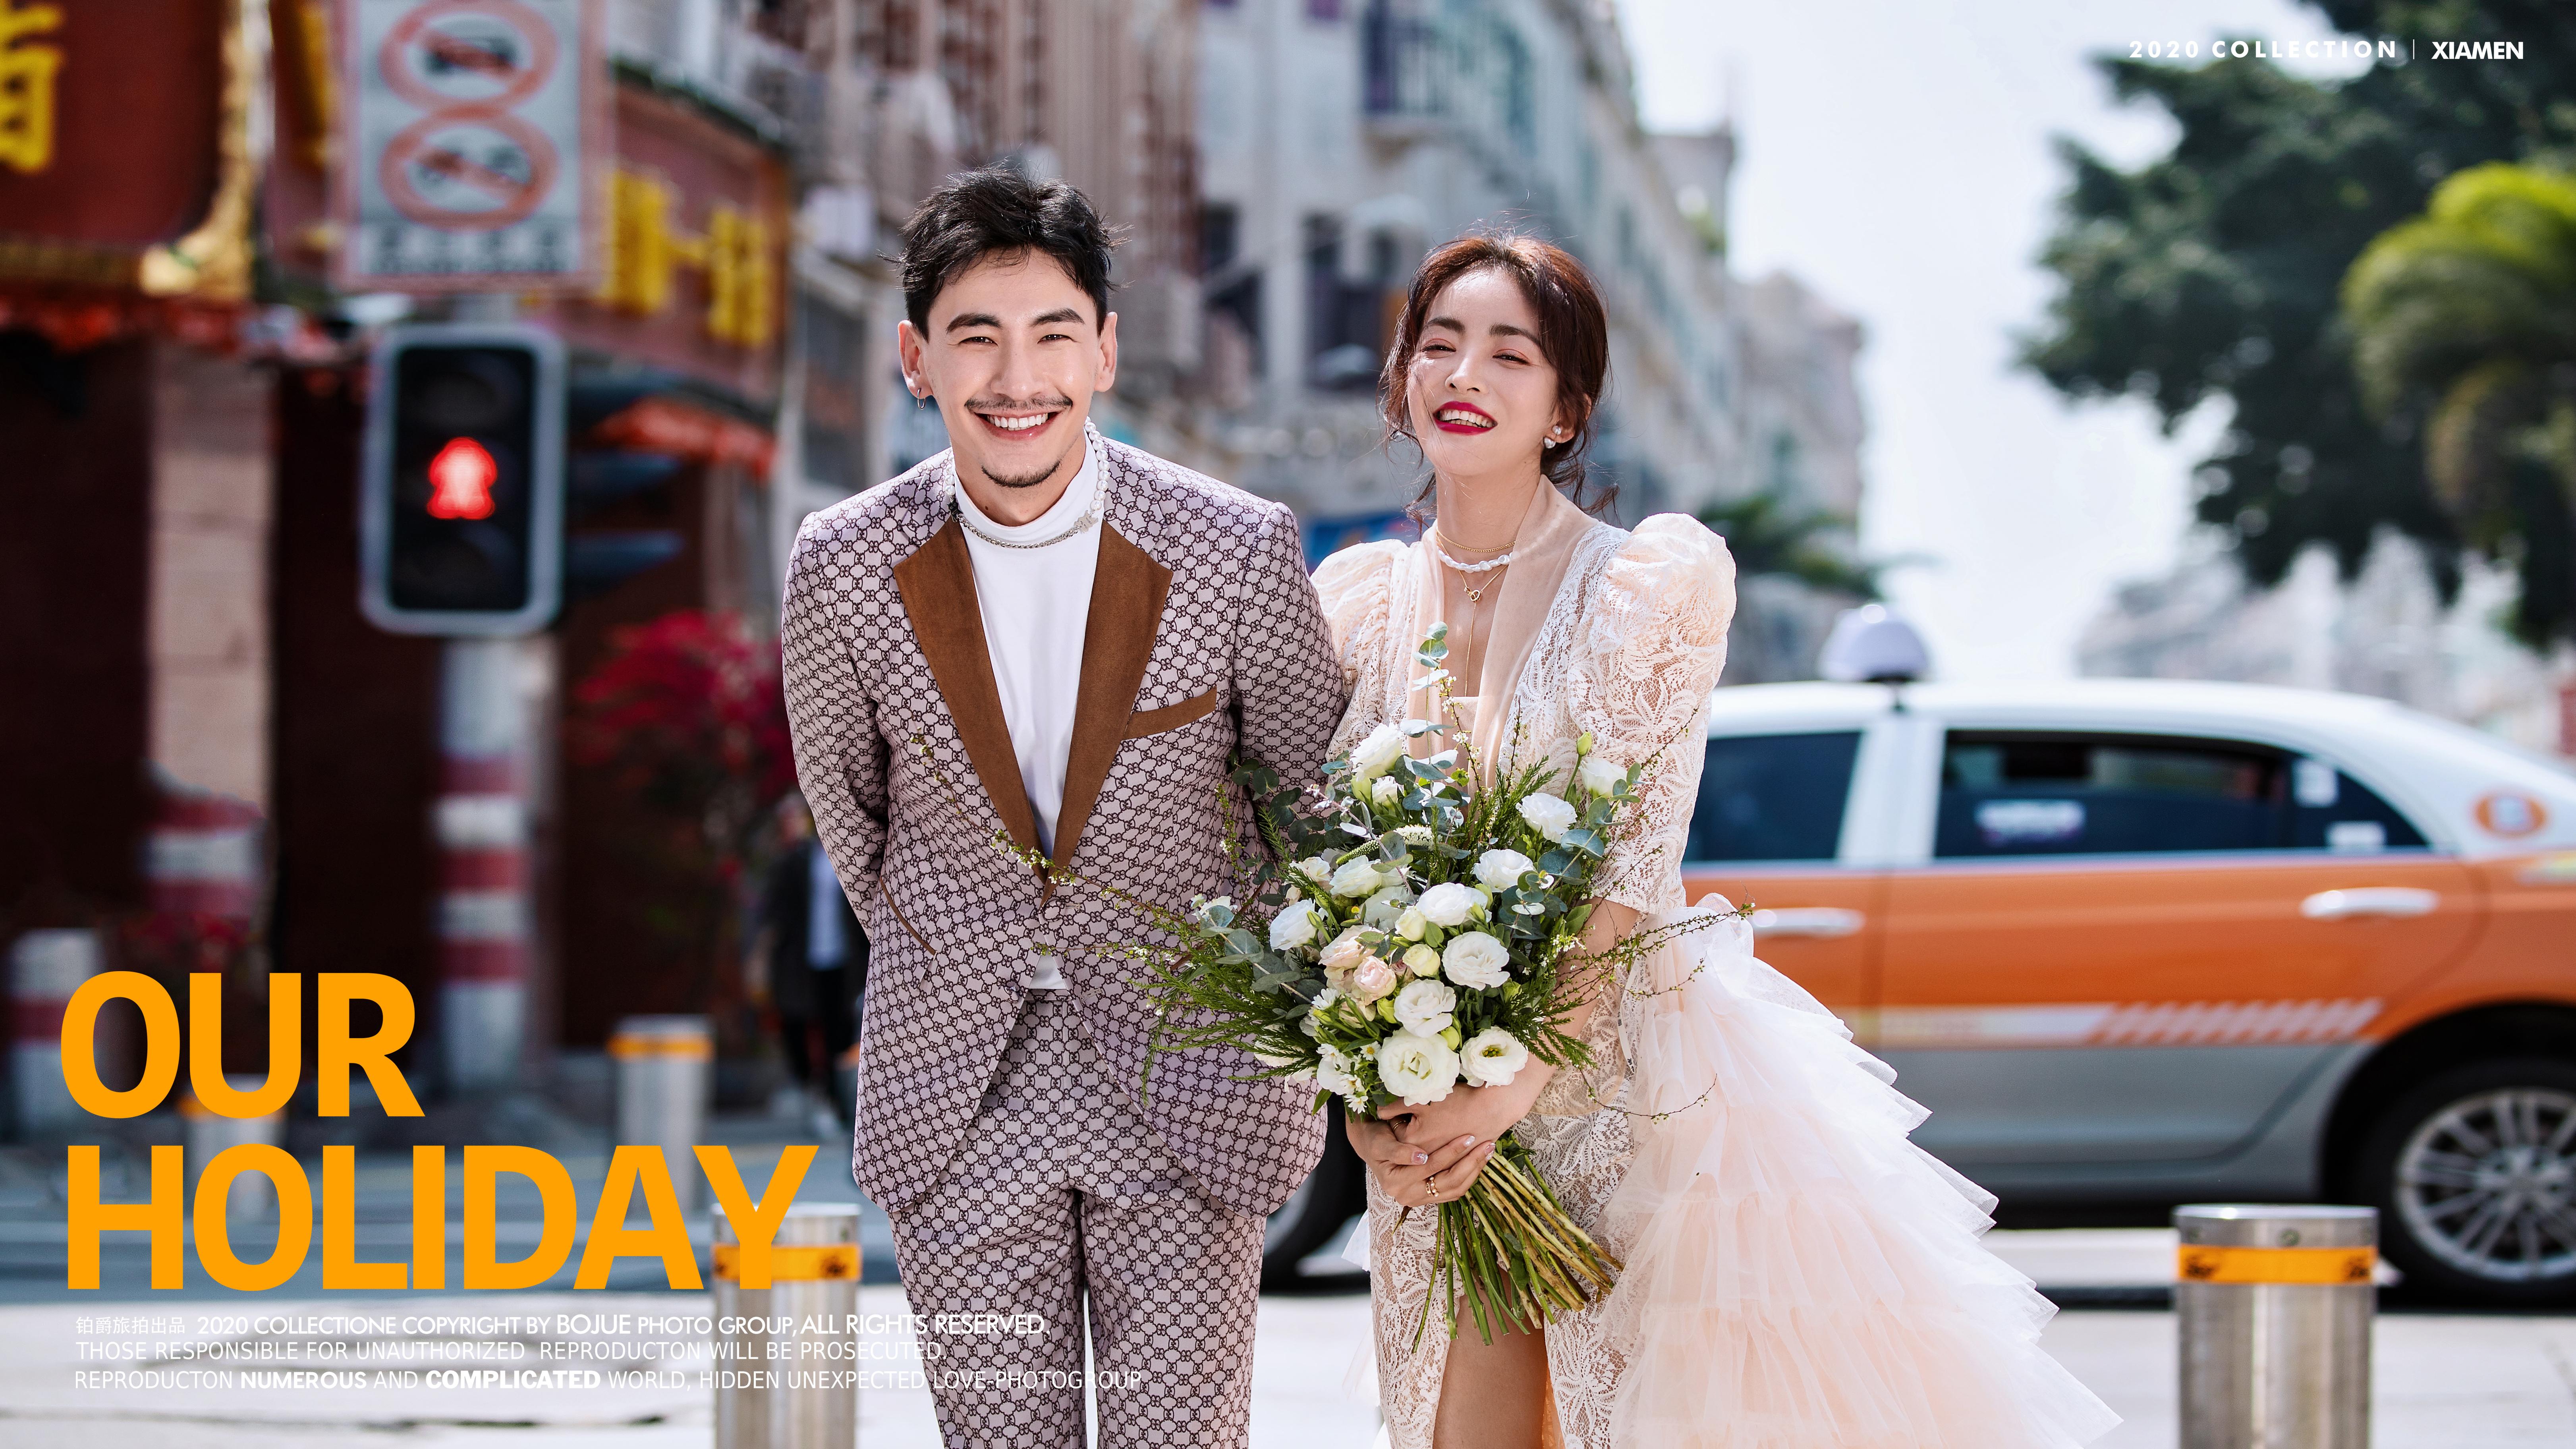 厦门婚纱摄影6000元的价位合理吗?婚纱摄影价格多少比较合理?